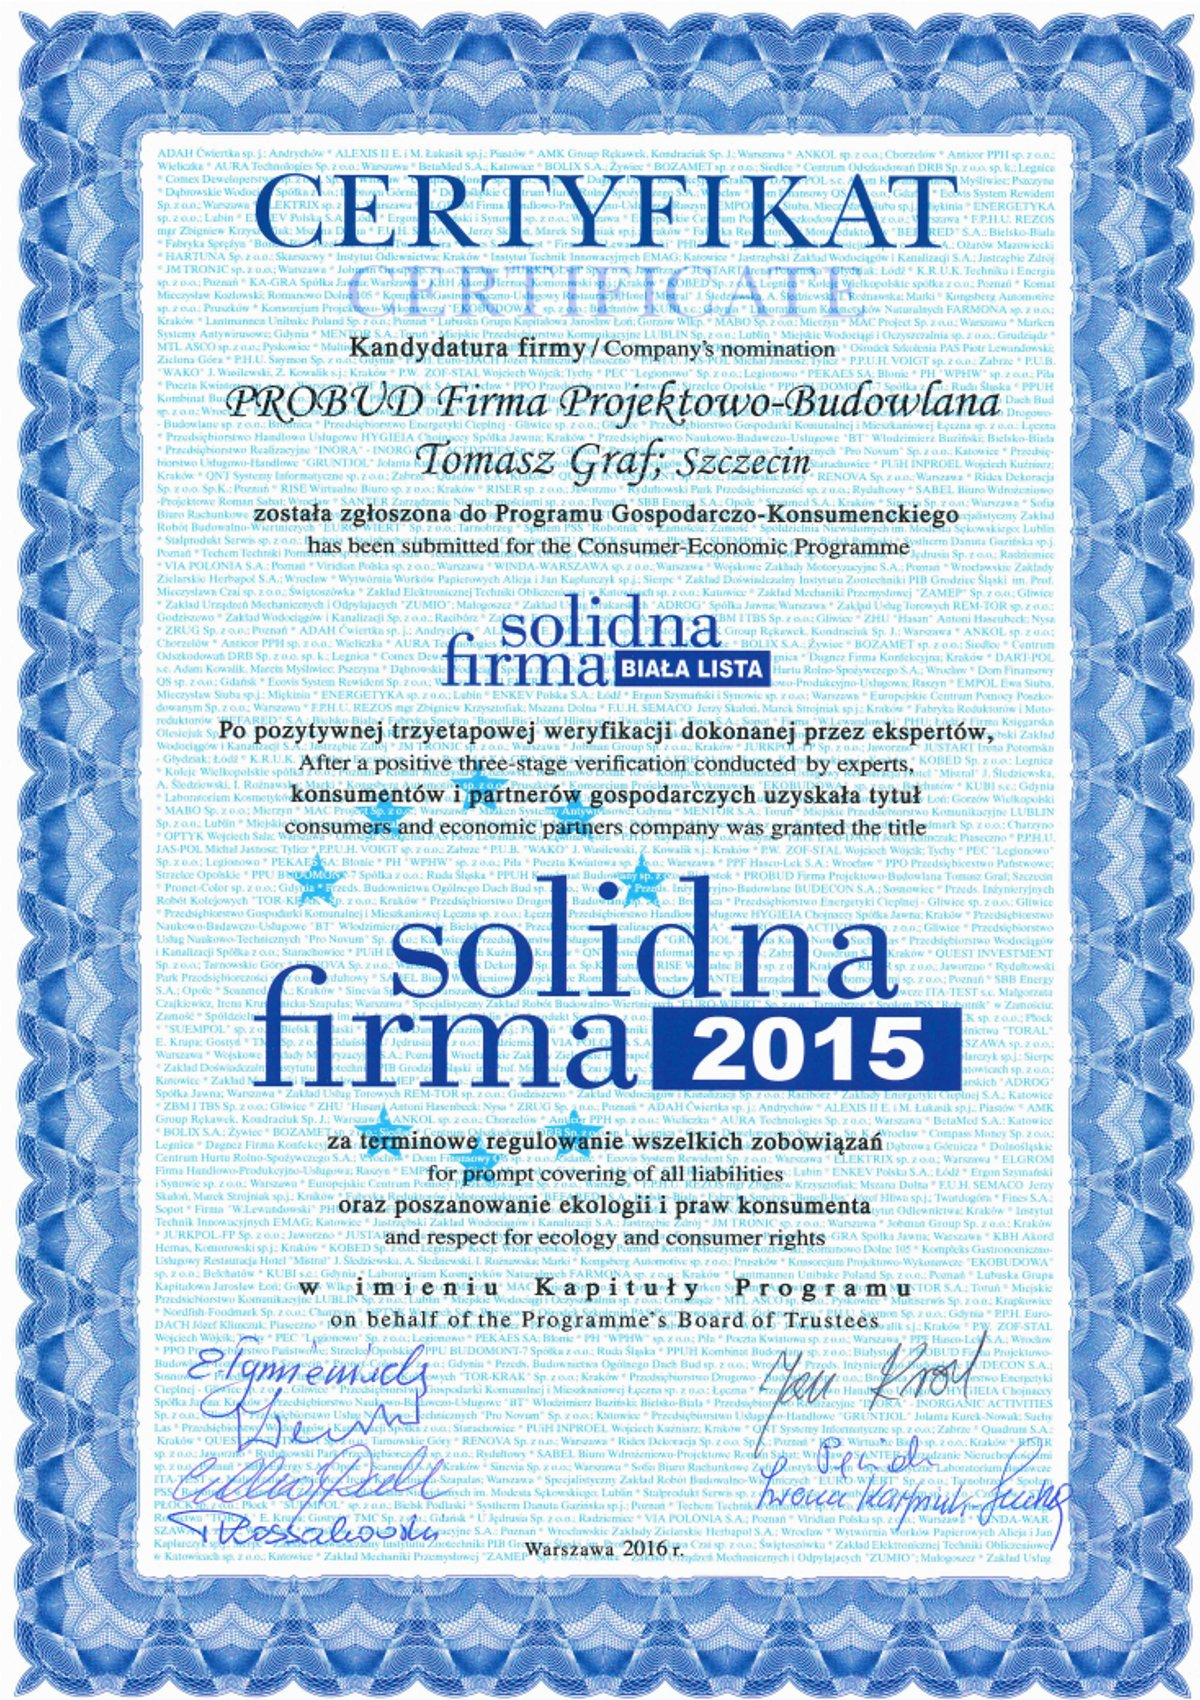 Certyfikat Solidna Firma 2016 Biała Lista